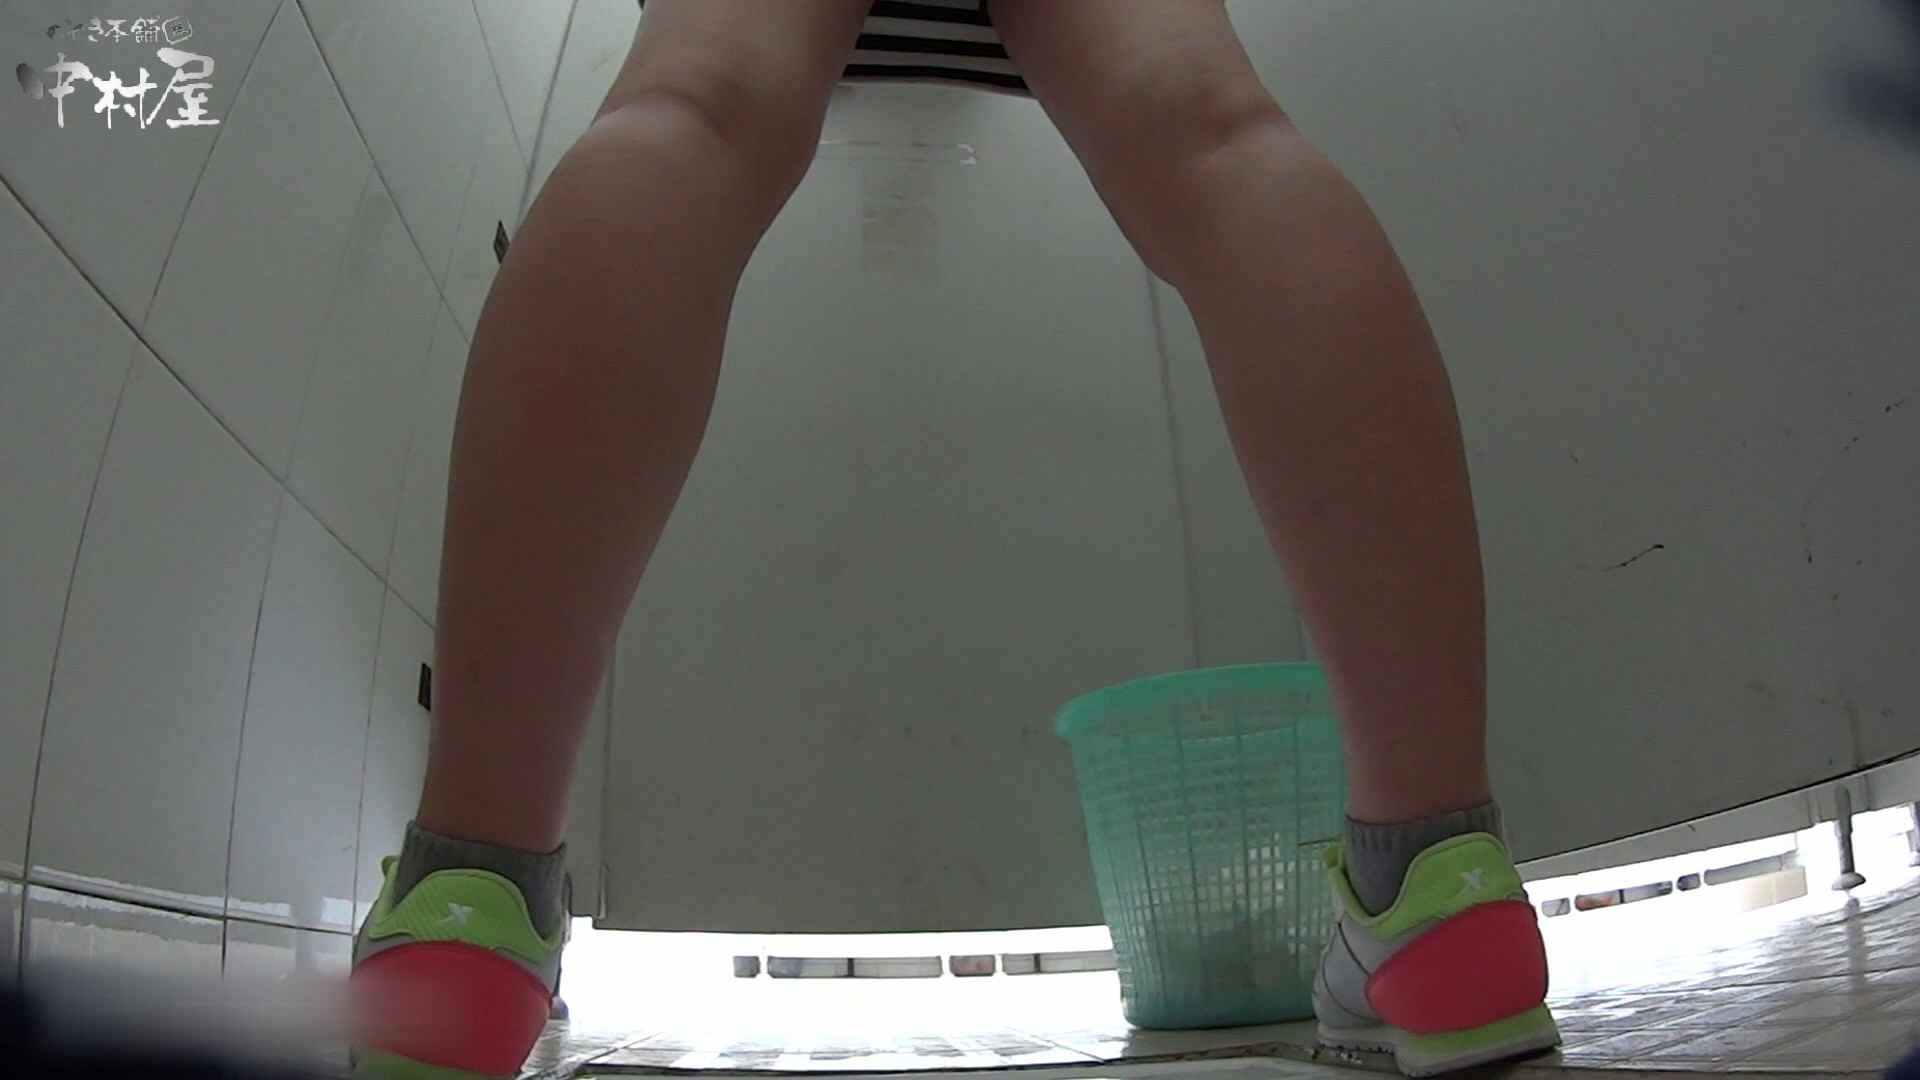 美しい女良たちのトイレ事情 有名大学休憩時間の洗面所事情06 エロいお姉さん 盗み撮り動画 11枚 11